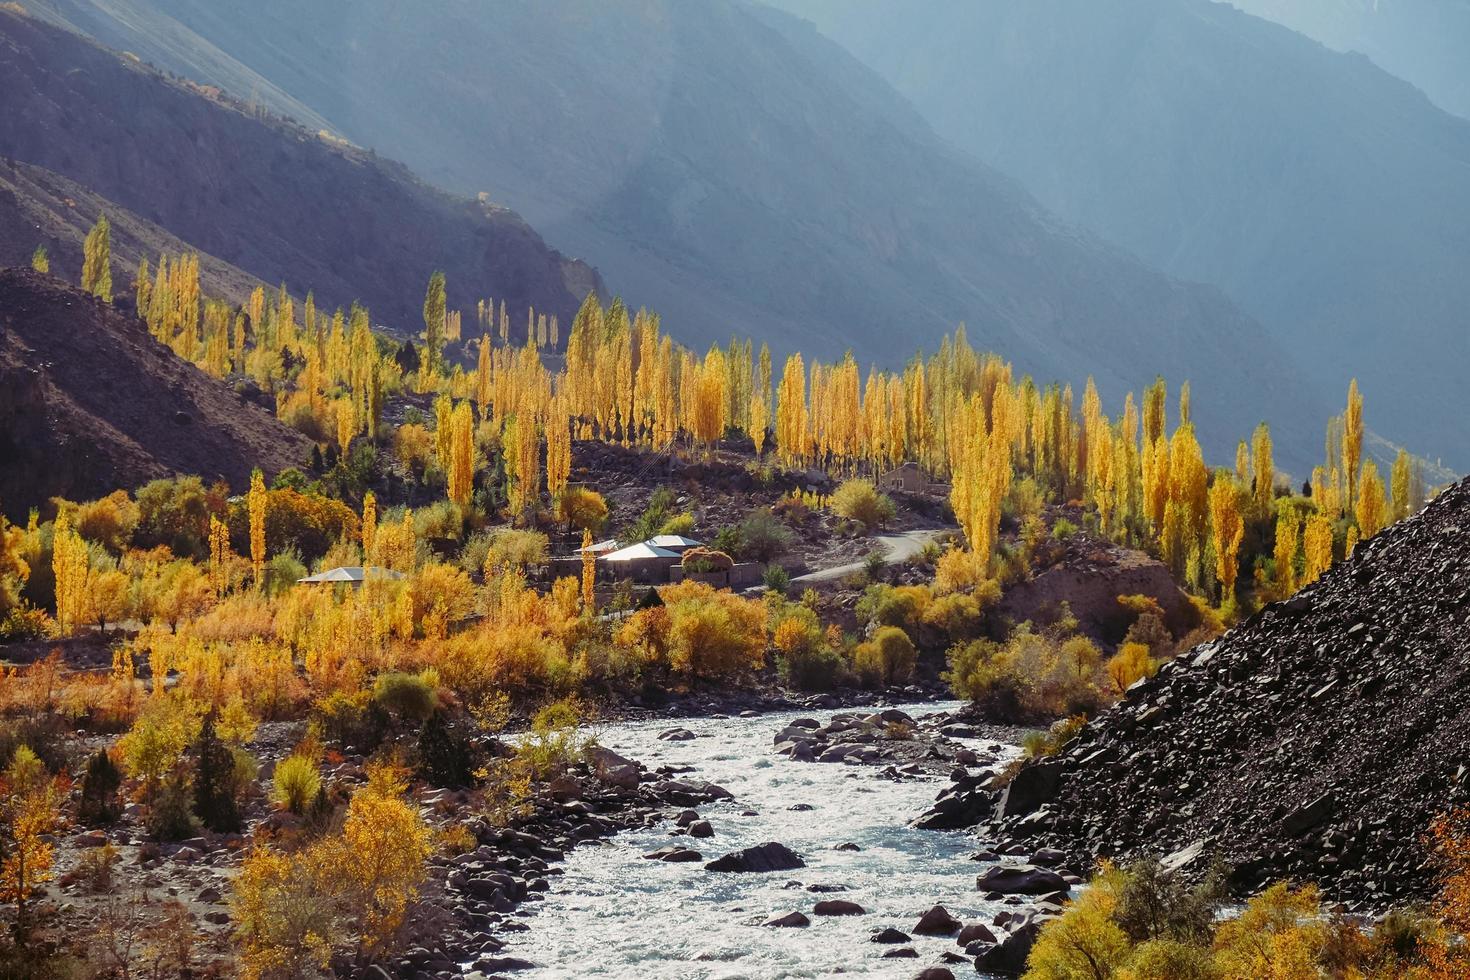 Herbstsaison im Hindukusch-Gebirge, Pakistan foto